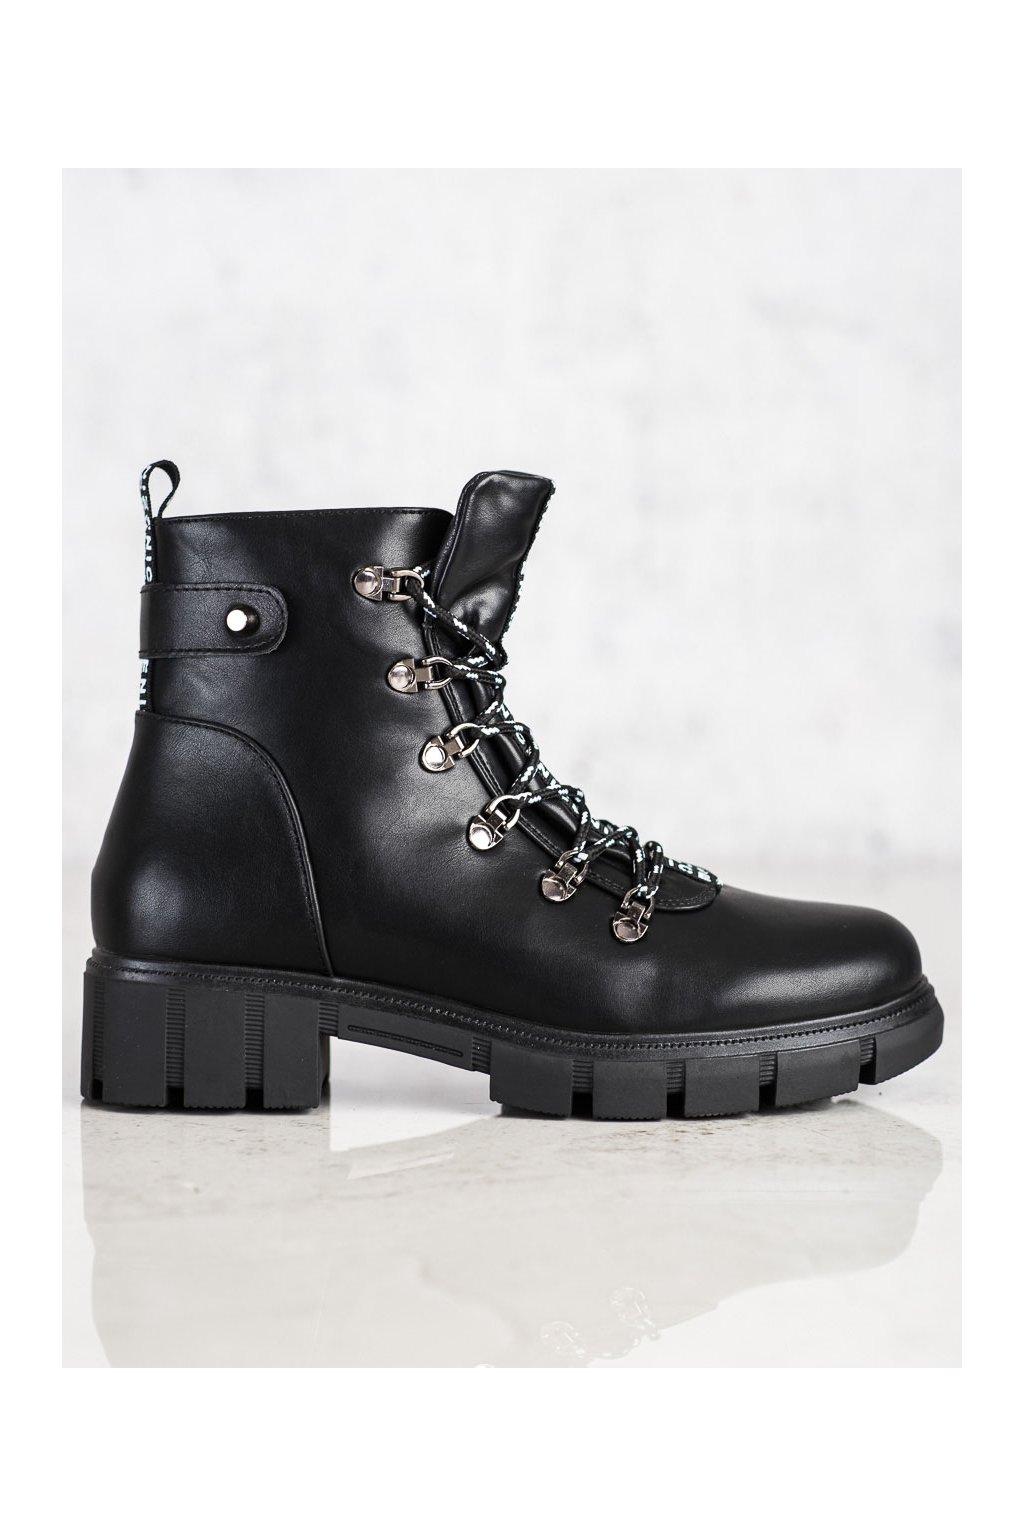 Čierne dámske topánky Vinceza kod HX22-16284B